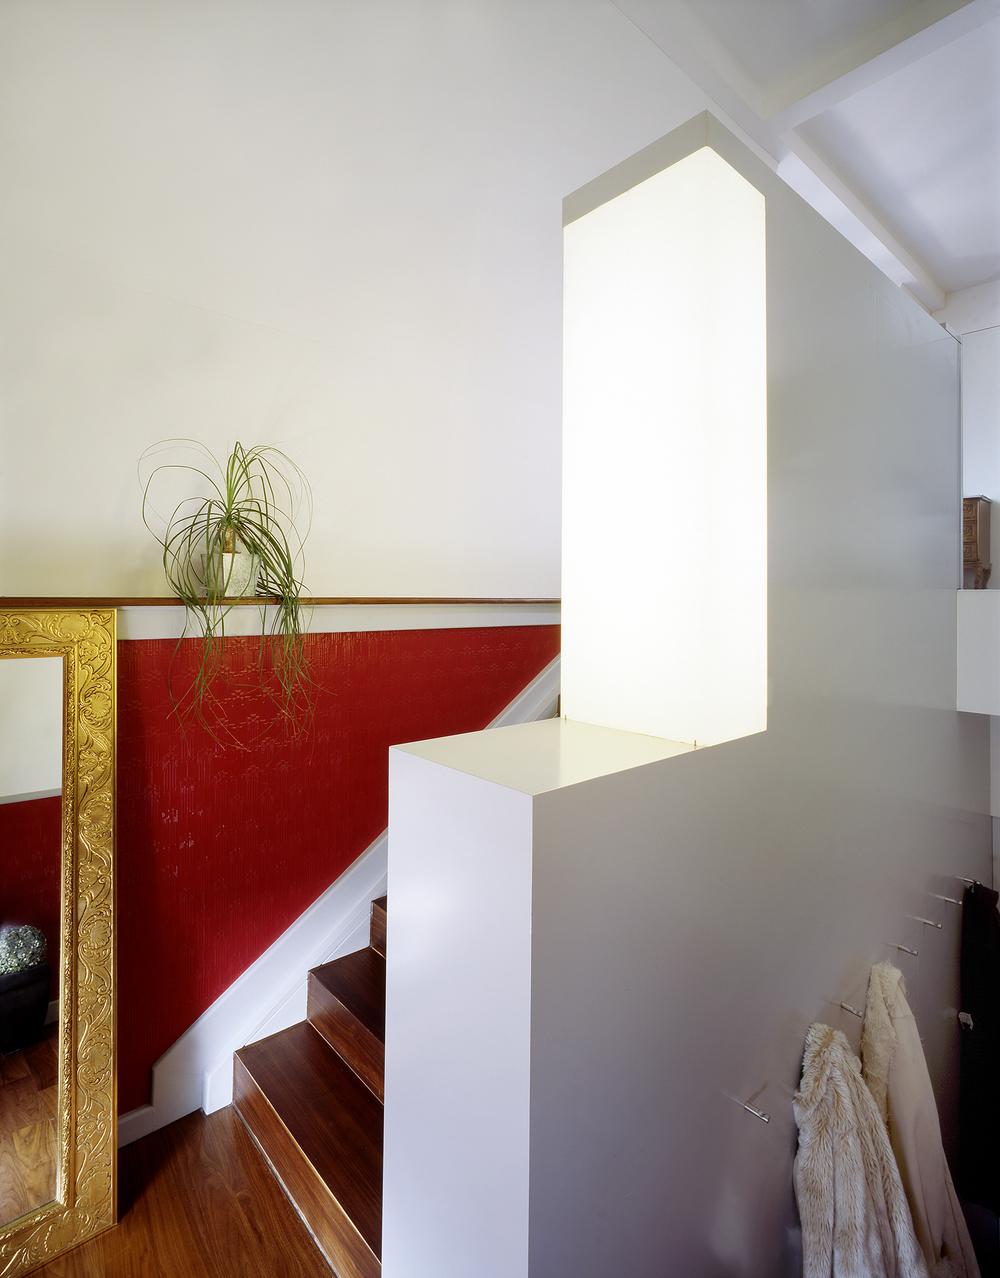 05_Treppe.jpg